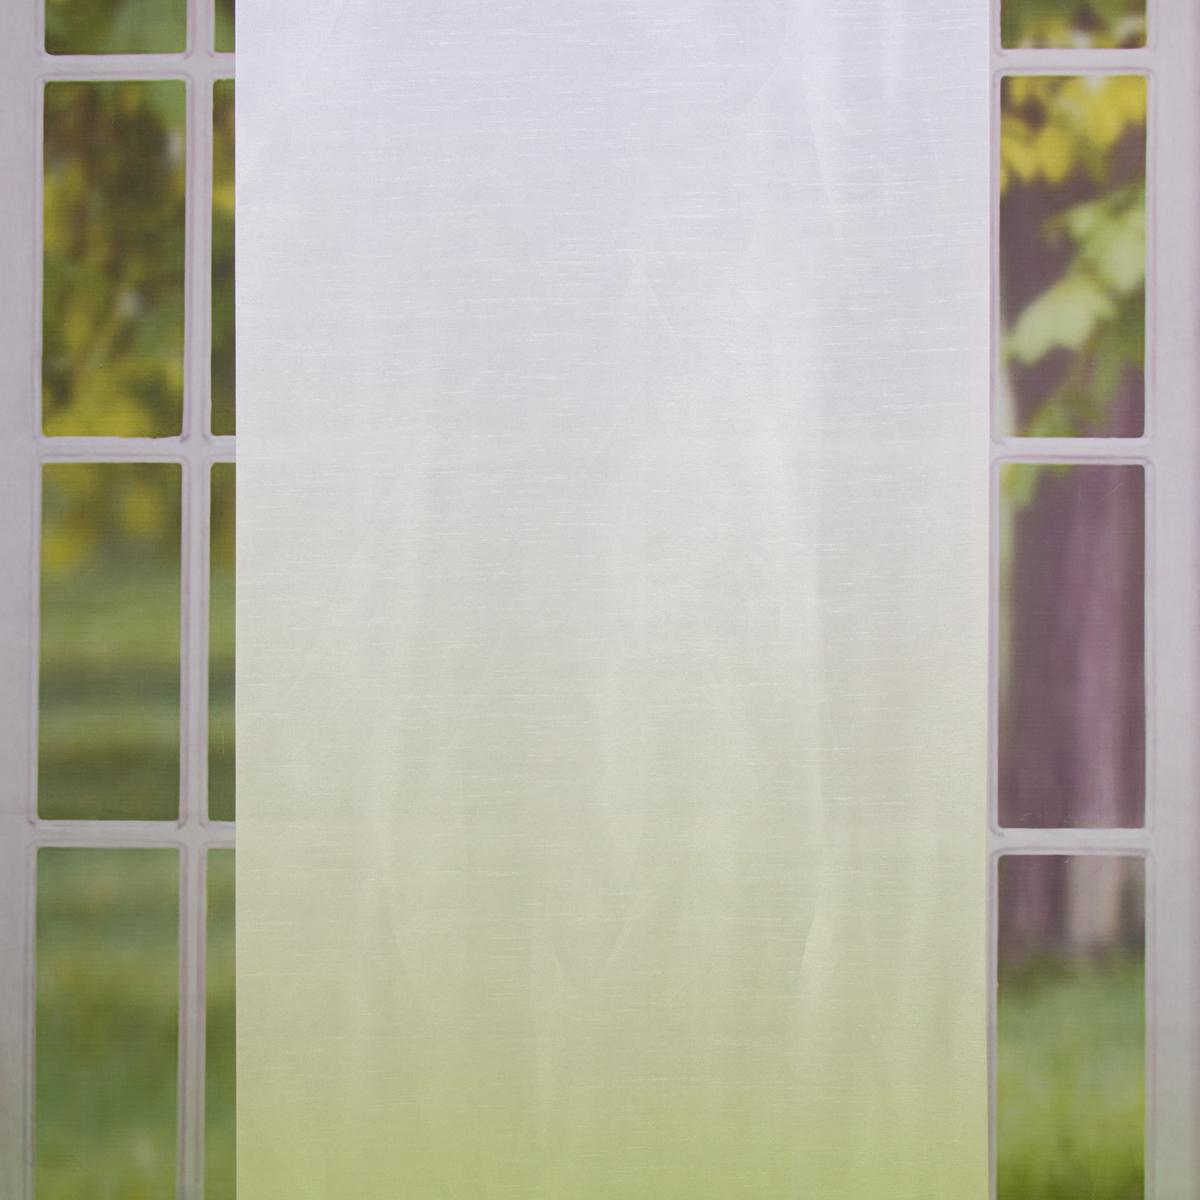 Full Size of Raffrollo Küche Modern Digitaldruck Sao Paulo 60x140cm Gras Steine Poco Teppich Modulküche Ikea Industrielook Bauen Tapete Rückwand Glas Holzküche Bank L Wohnzimmer Raffrollo Küche Modern